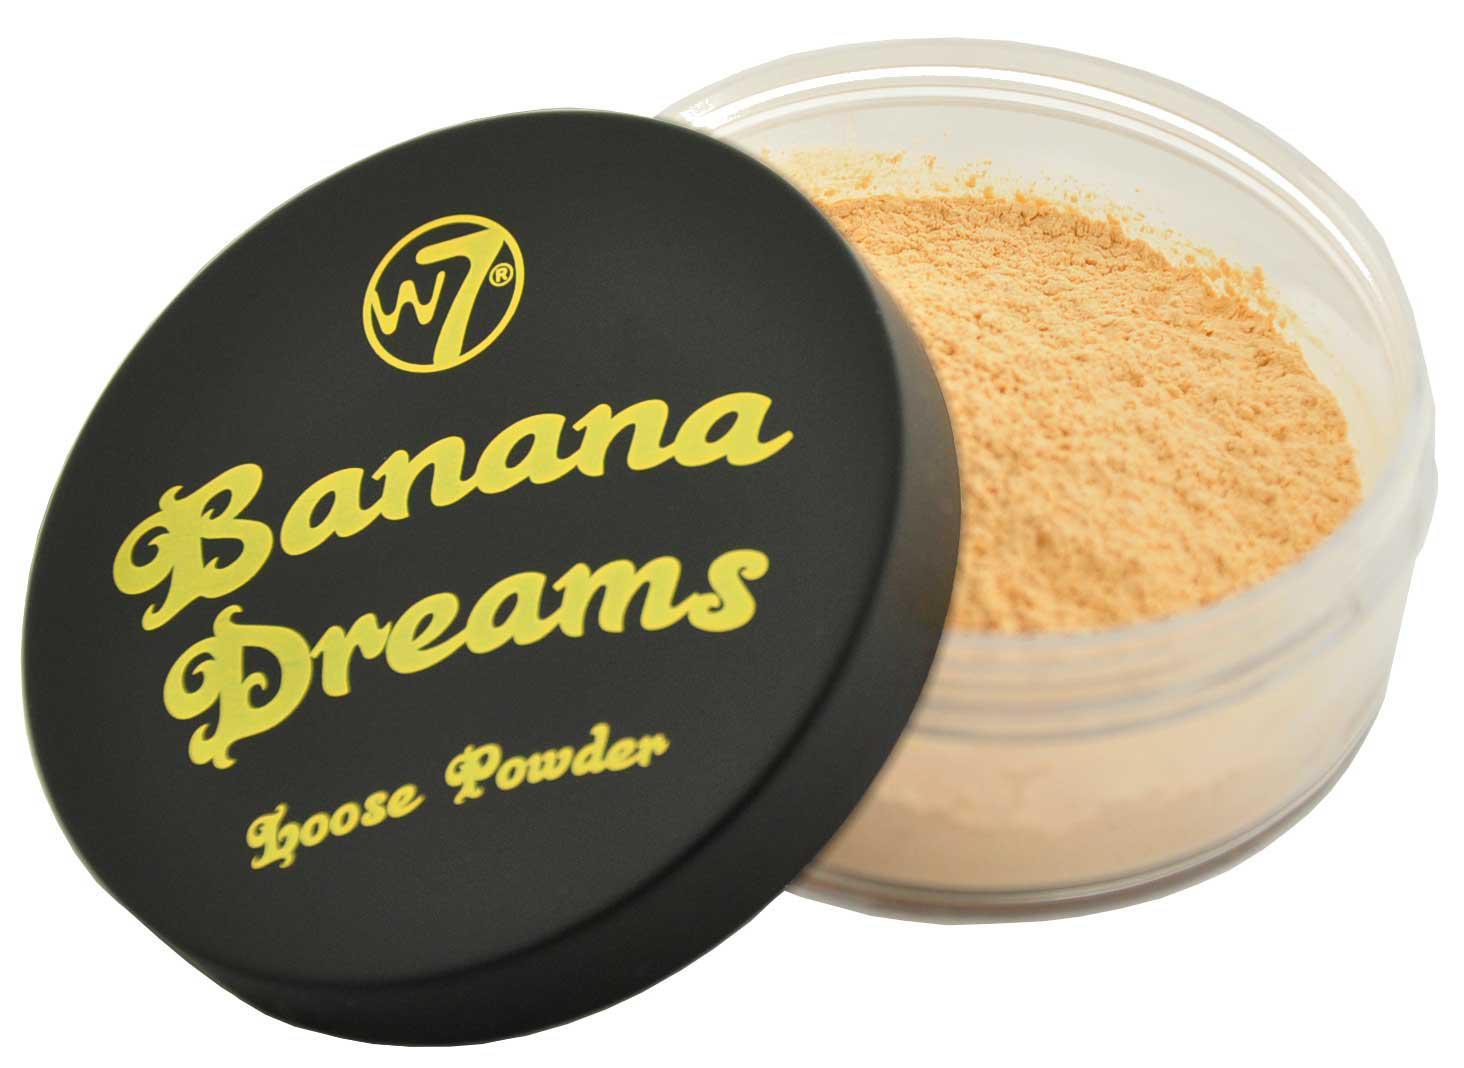 Pudra Translucida Neutralizatoare W7 Banana Dreams